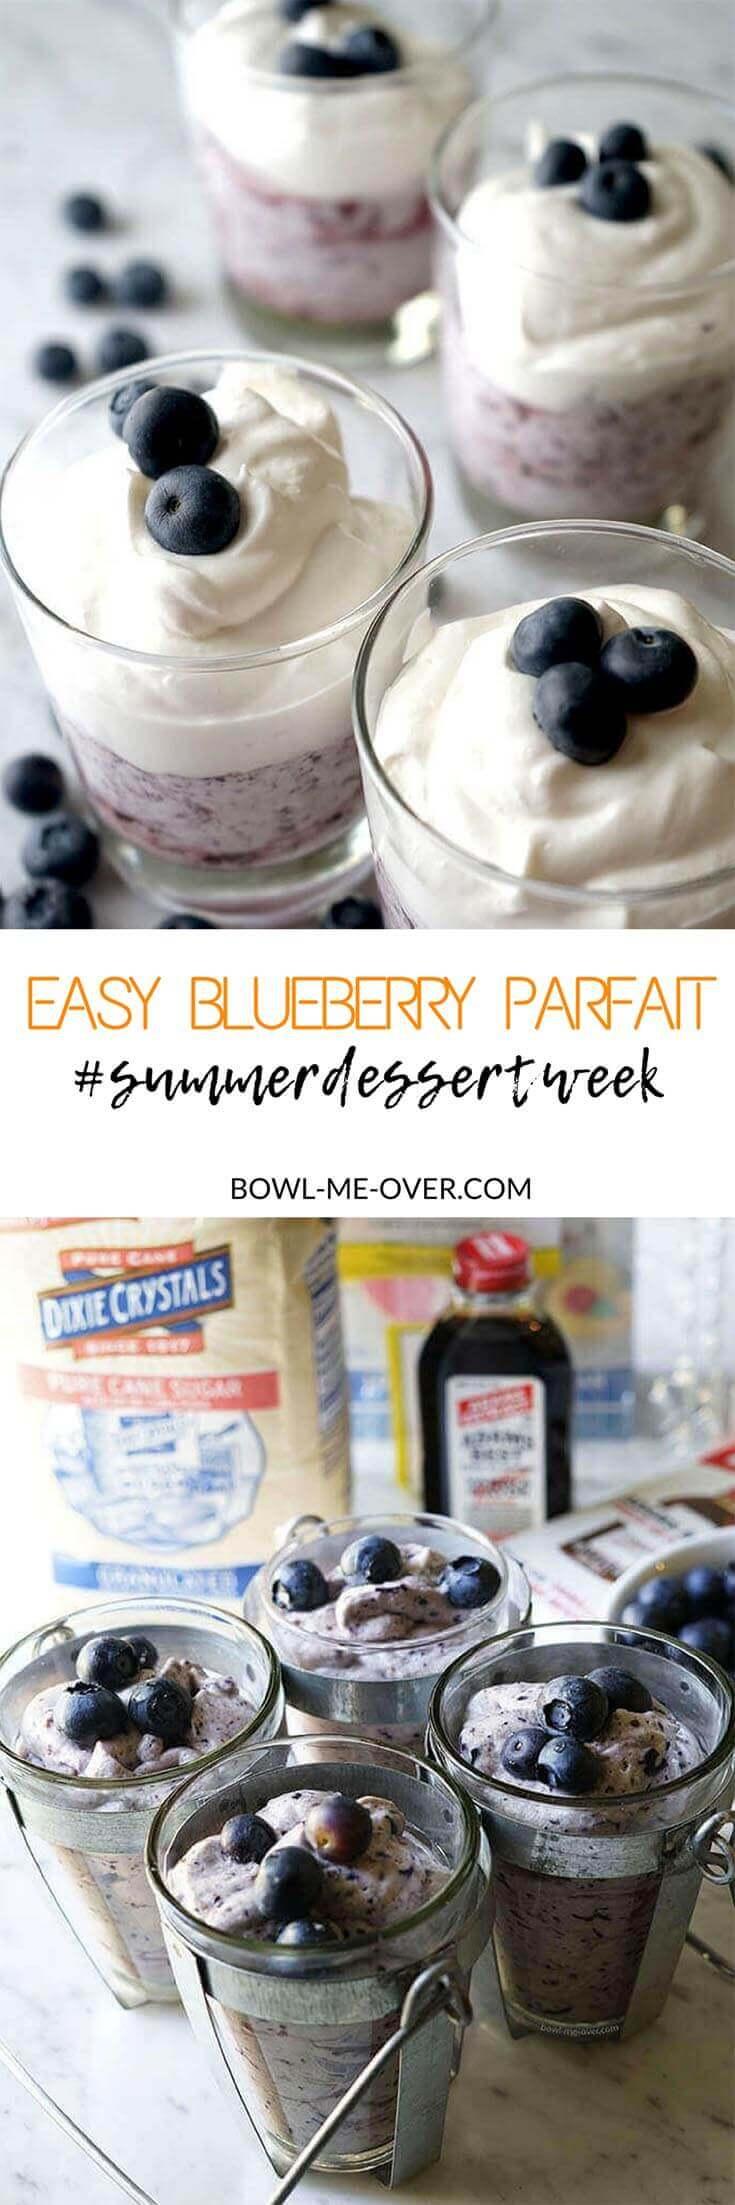 This Blueberry Parfait takes less than 10 minutes to make!